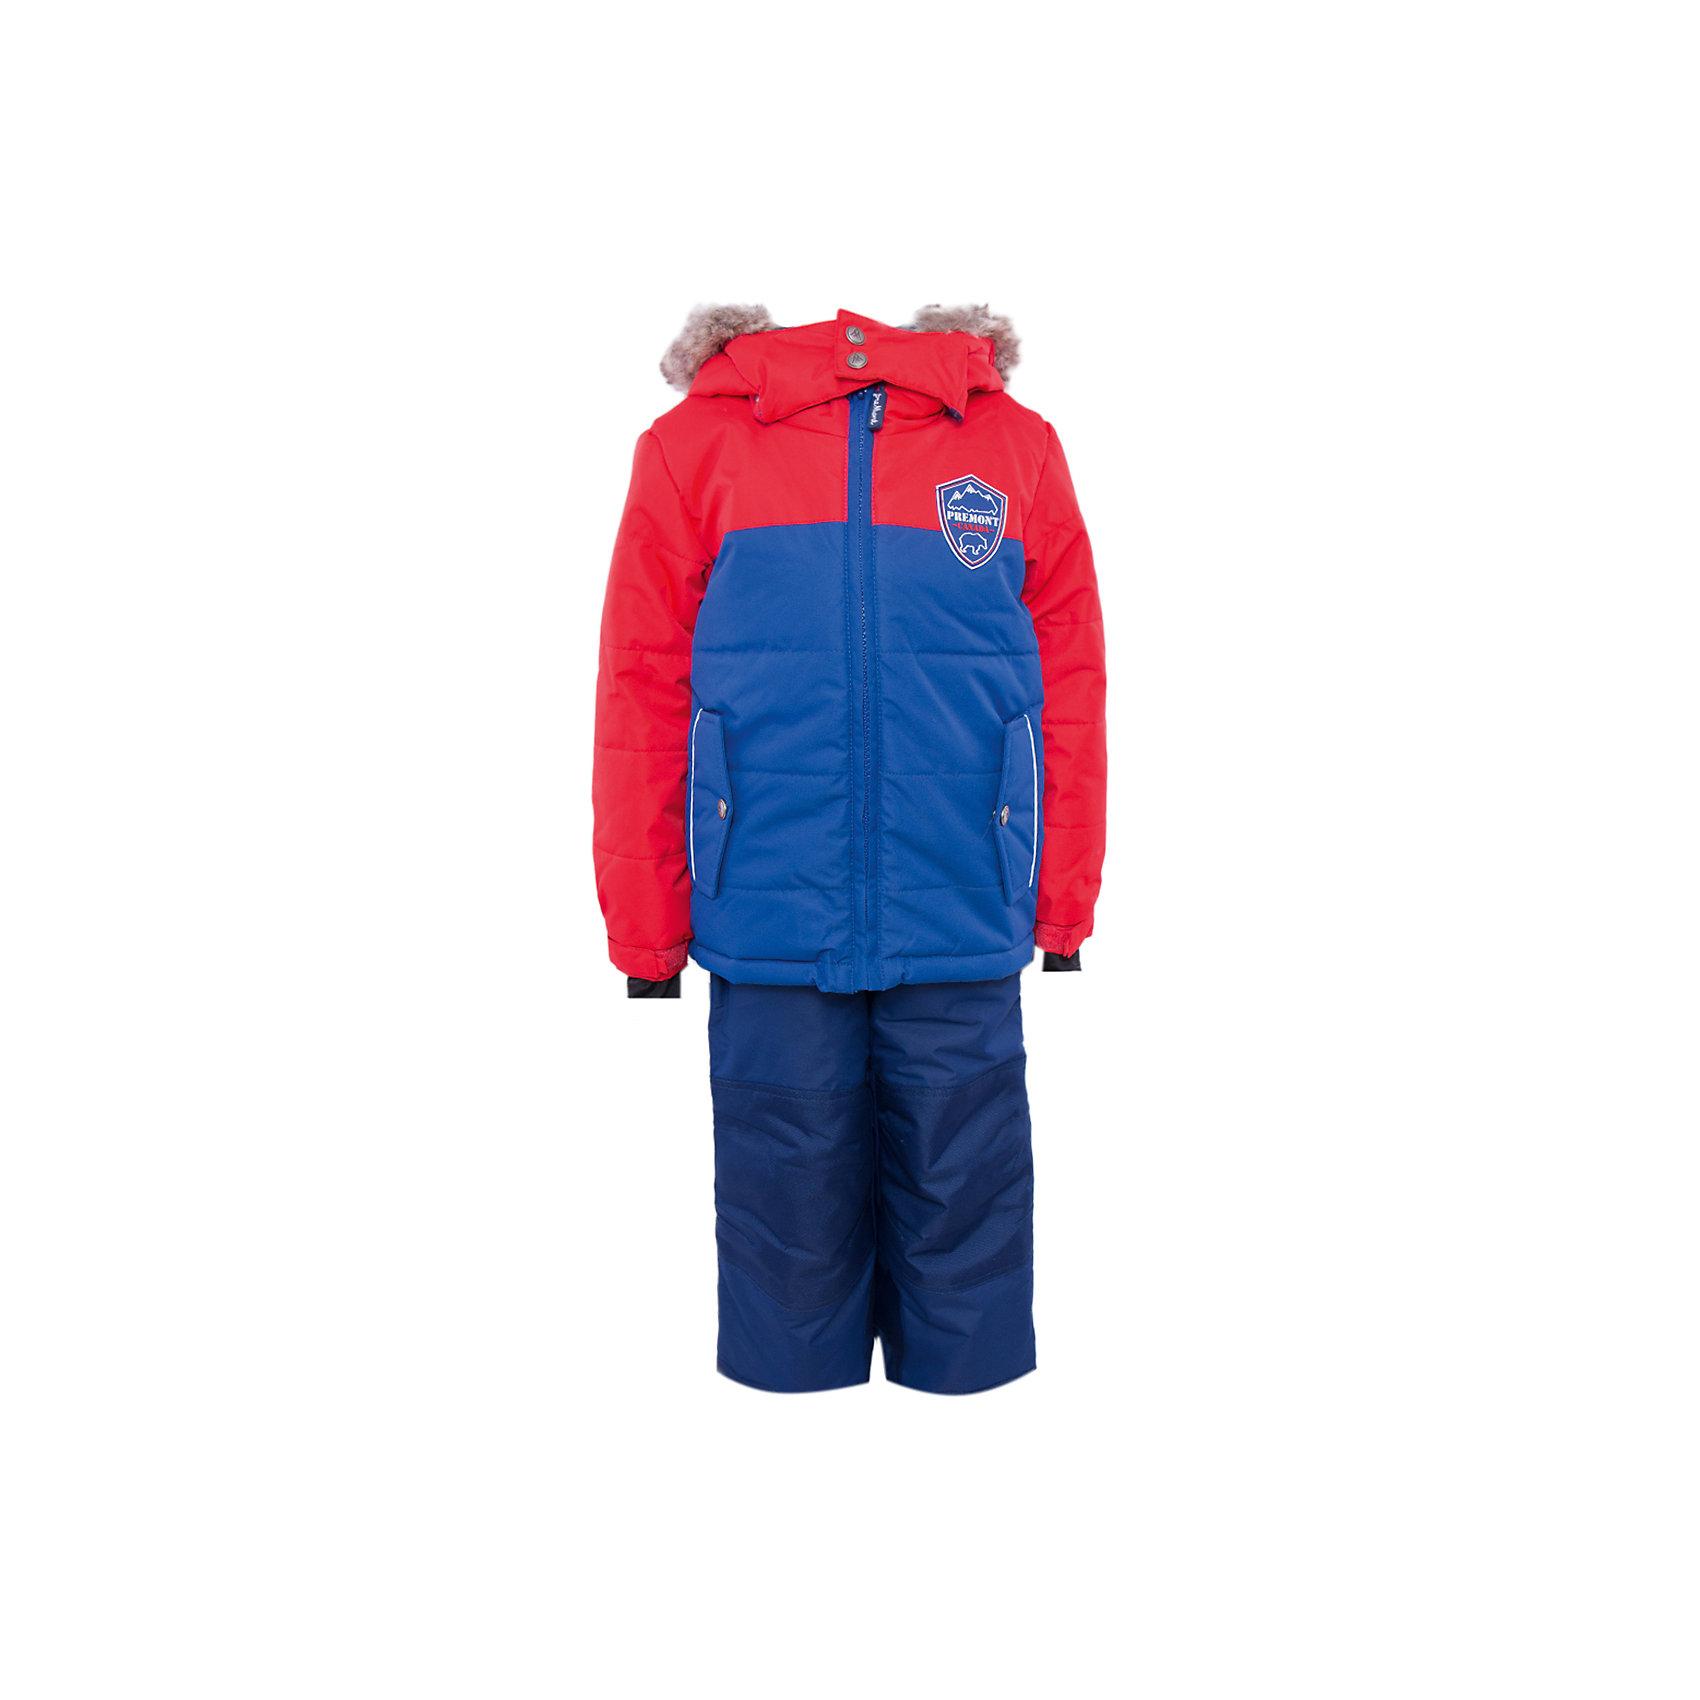 Комплект: куртка и брюки для мальчика PremontКомплект: куртка и брюки для мальчика от известного бренда Premont.<br>Все канадцы с рождения являются ярыми фанатами хоккея и своей национальной сборной. Хоккей во всем мире бесспорно ассоциируется с Канадой. Дизайнеры компании Premont, как истинные патриоты, не смогли обойти этот факт стороной и назвали в честь него данную модель.<br>Брюки до 6 лет идут с высокой грудкой, после 6 лет - с отстегивающейся спинкой.<br>Состав:<br>Ткань верха: мембрана 5000мм/5000г/м2/24h, Taslan<br>Подклад: Polarfleece (тело, капюшон, манжеты), Taffeta (брюки, рукава, снежная юбка) Утеплитель: Tech-polyfill (куртка 280г, брюки 180г)<br><br>Ширина мм: 356<br>Глубина мм: 10<br>Высота мм: 245<br>Вес г: 519<br>Цвет: красный<br>Возраст от месяцев: 18<br>Возраст до месяцев: 24<br>Пол: Мужской<br>Возраст: Детский<br>Размер: 104,110,116,120,122,128,140,152,92,164,98,100<br>SKU: 4996792